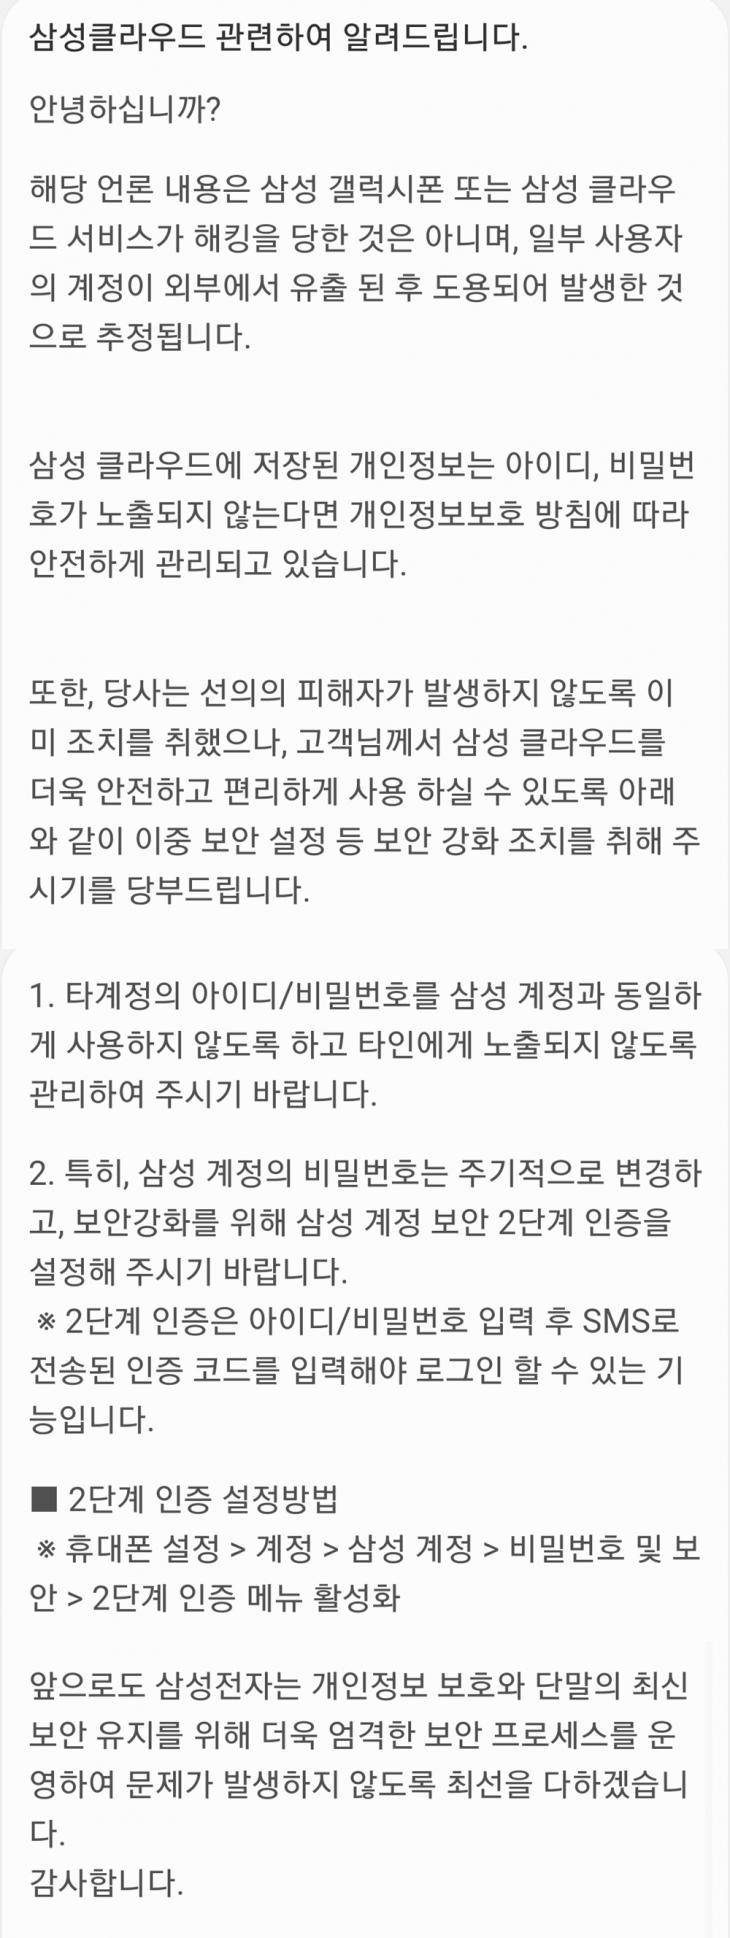 삼성 멤버스 공지사항